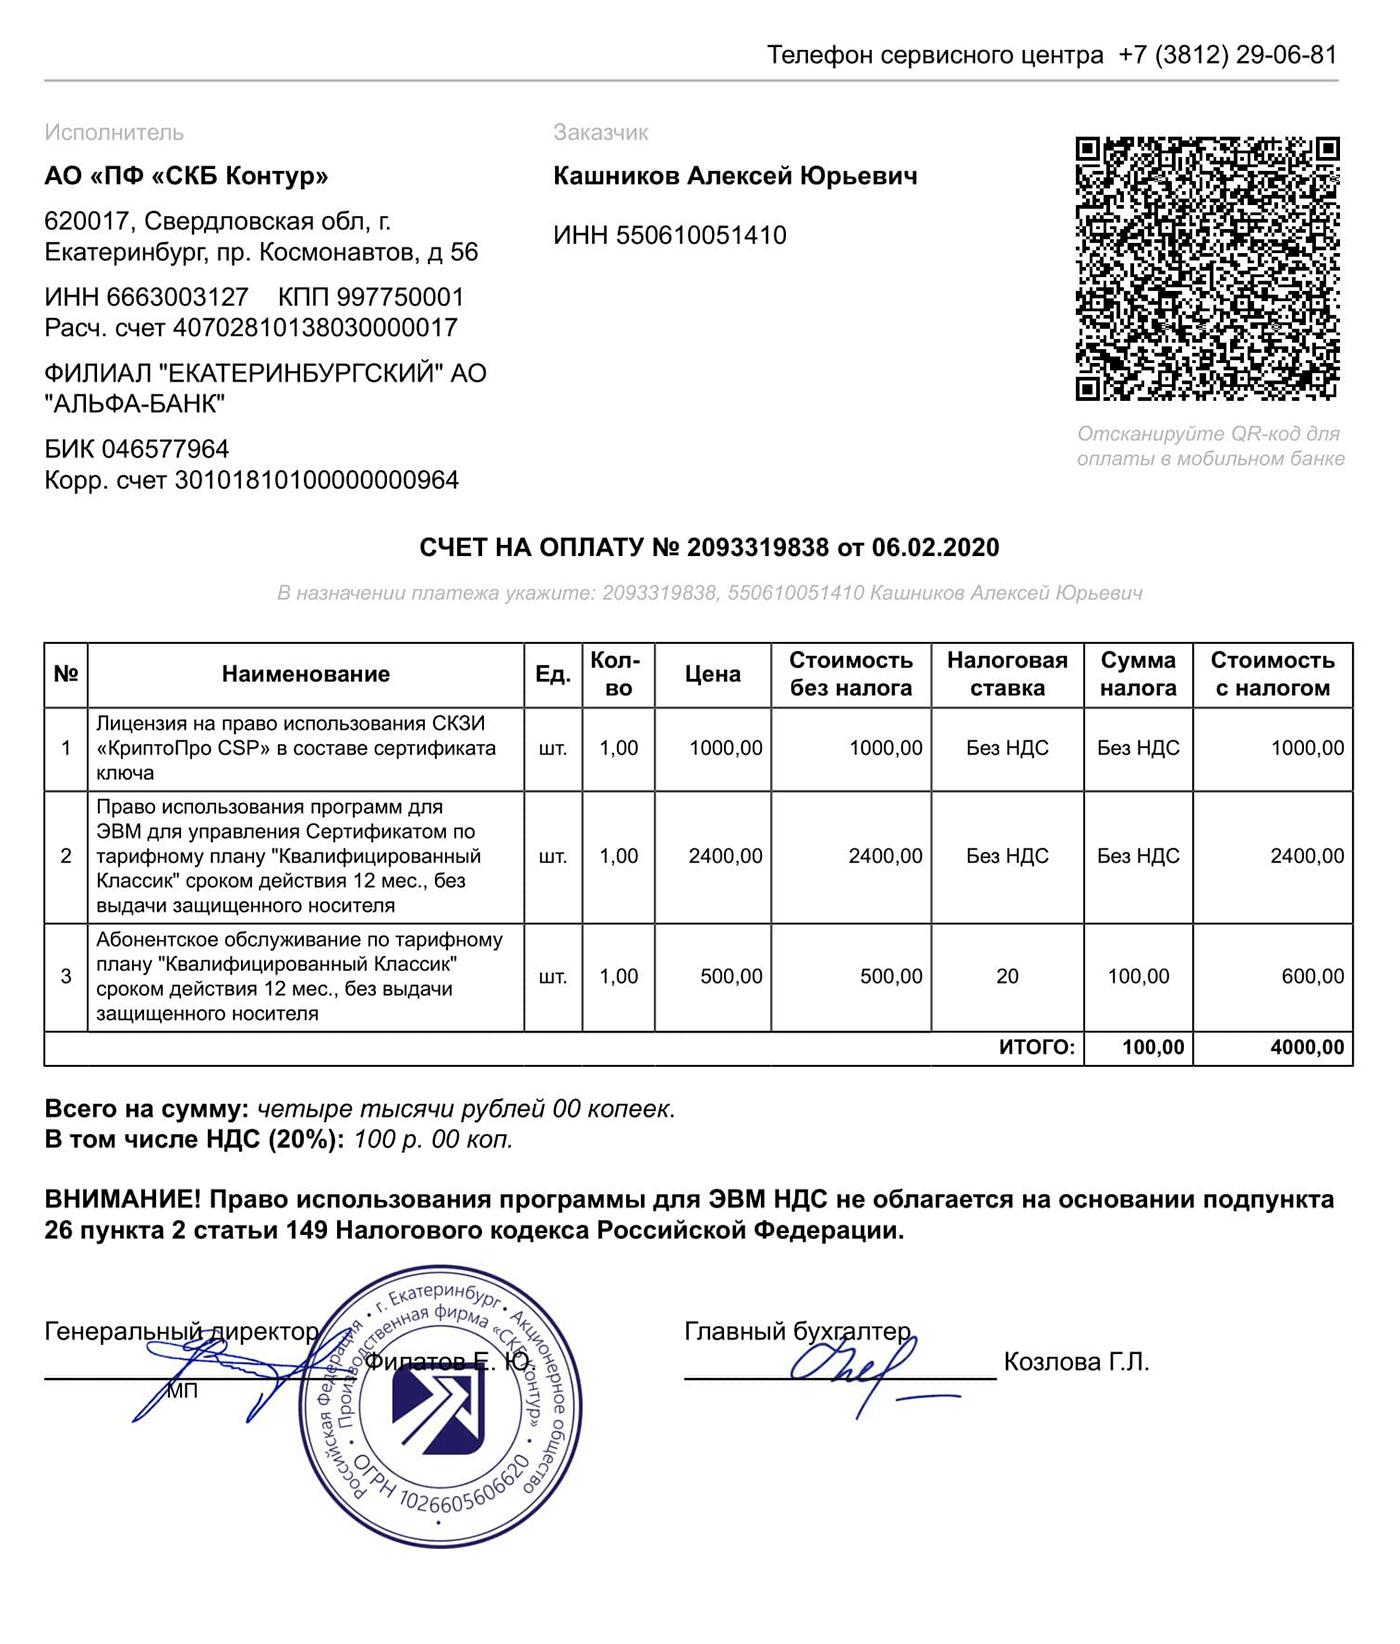 Продлить работу электронной подписи на год стоило 4000<span class=ruble>Р</span>, то есть на 500<span class=ruble>Р</span> дешевле, чем сделать новую